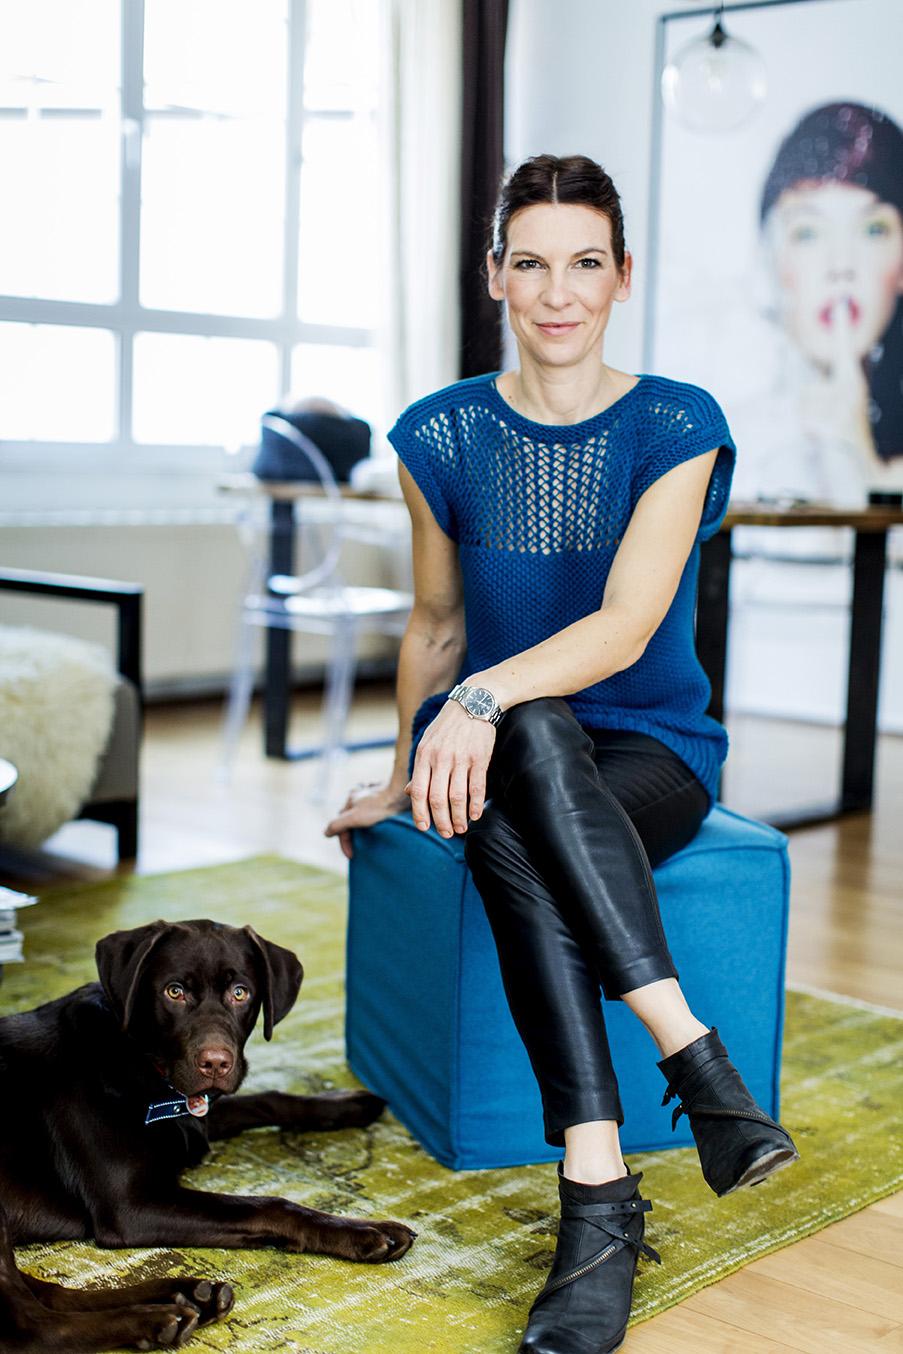 Martina Weiss